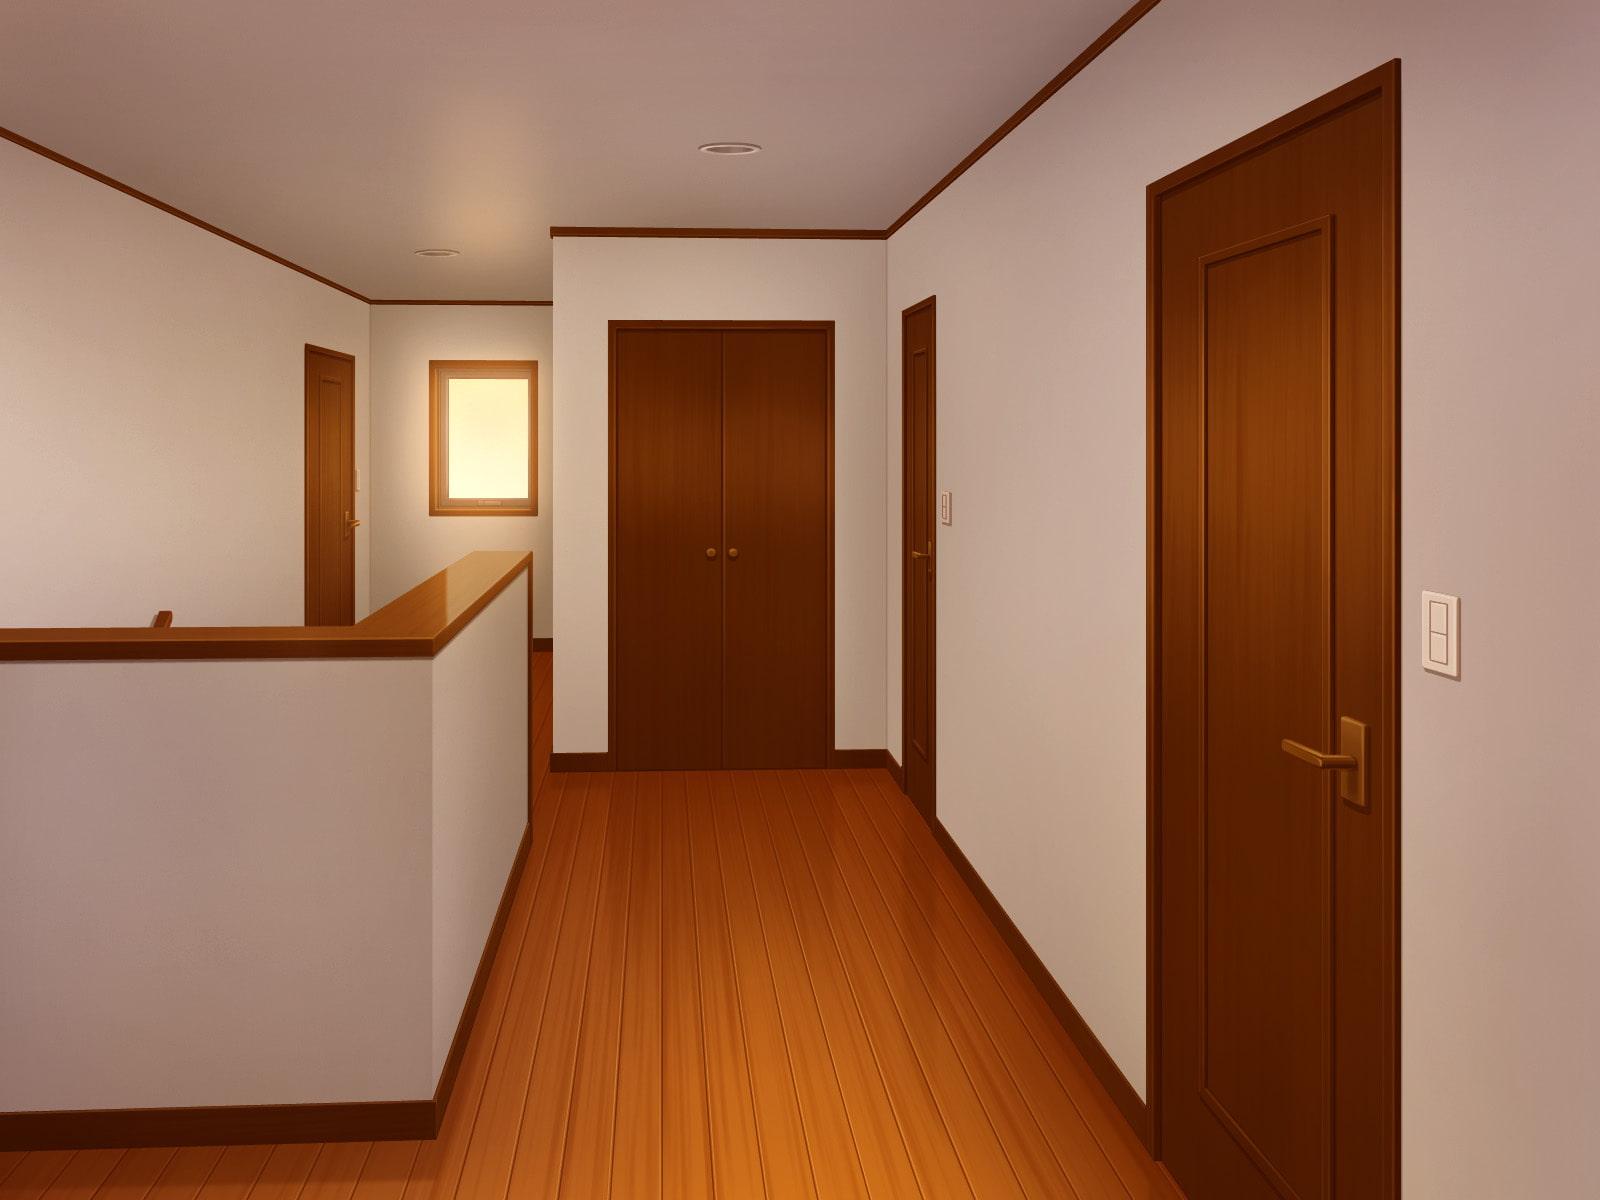 フリー背景素材 住宅 廊下